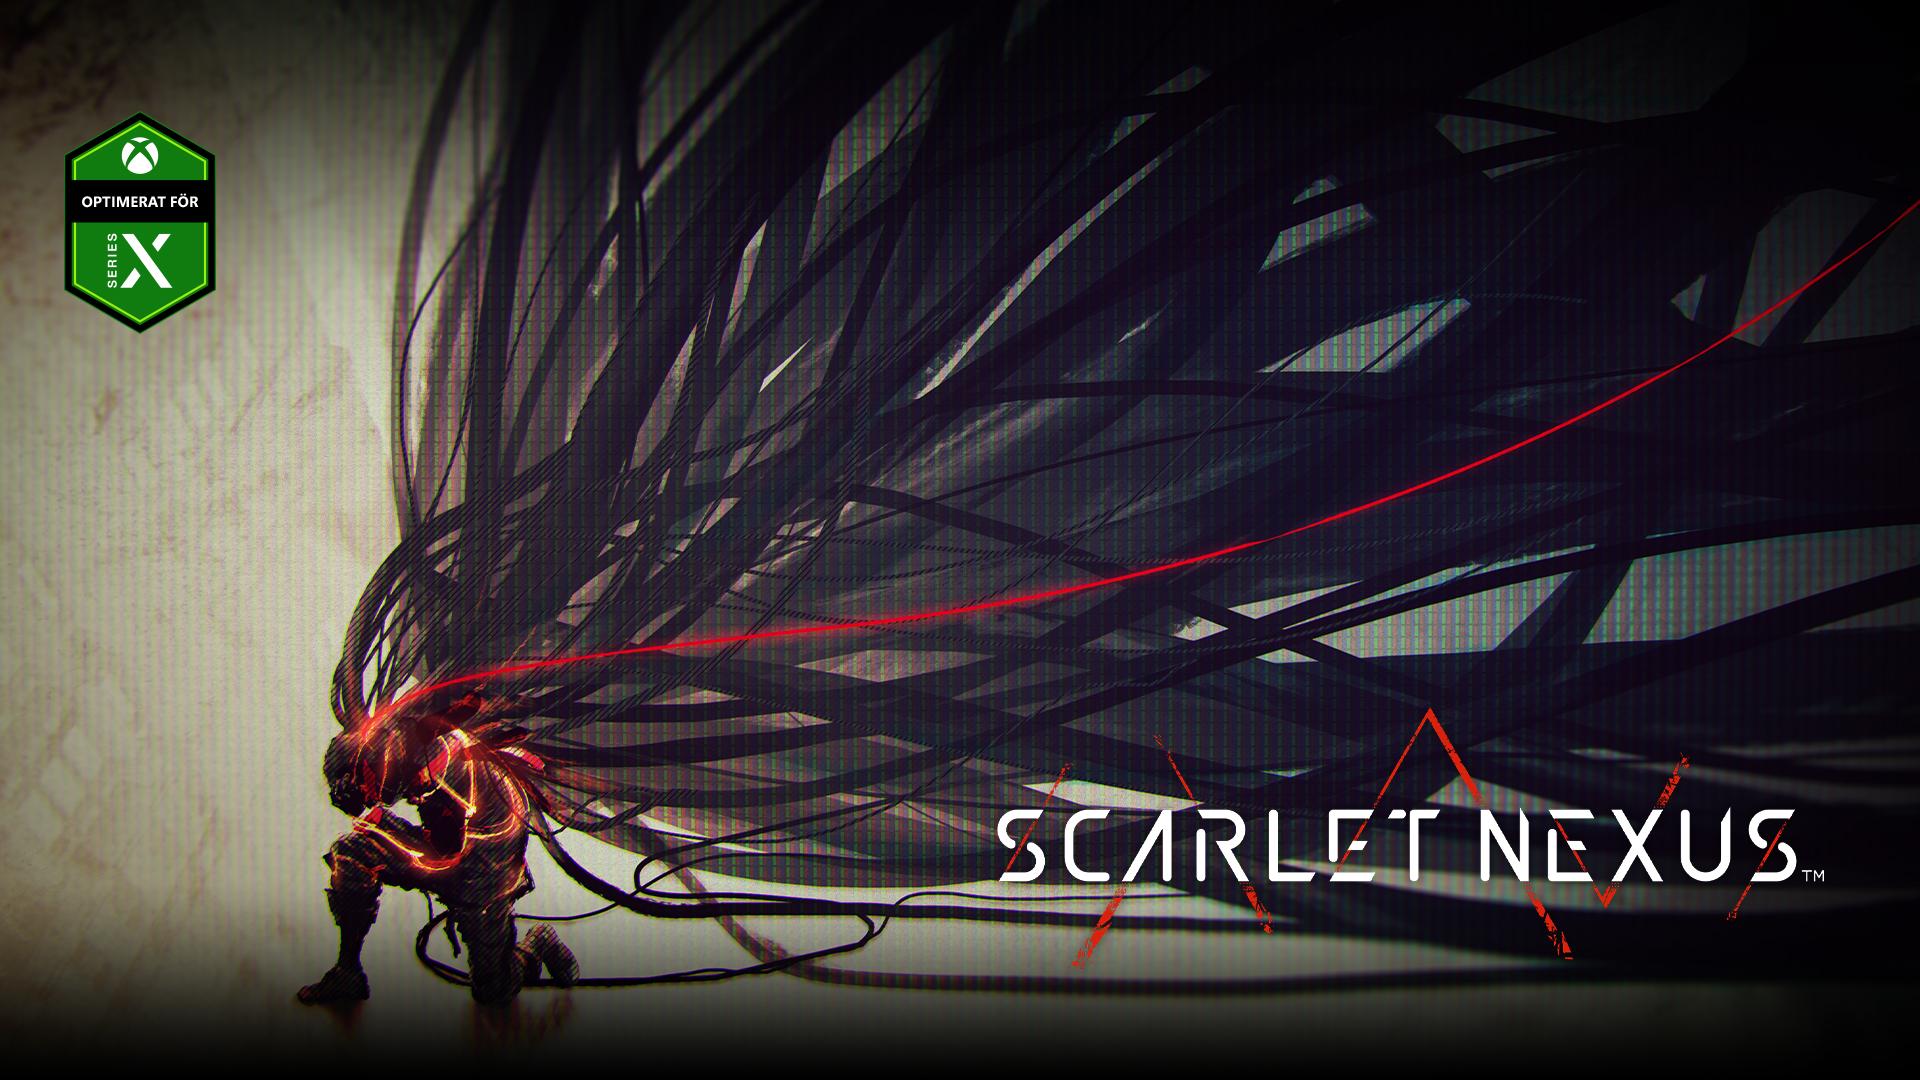 Scarlet Nexus, Optimerat för Xbox Series X, En man knäböjer med stora hårliknande slingor som böljar från honom